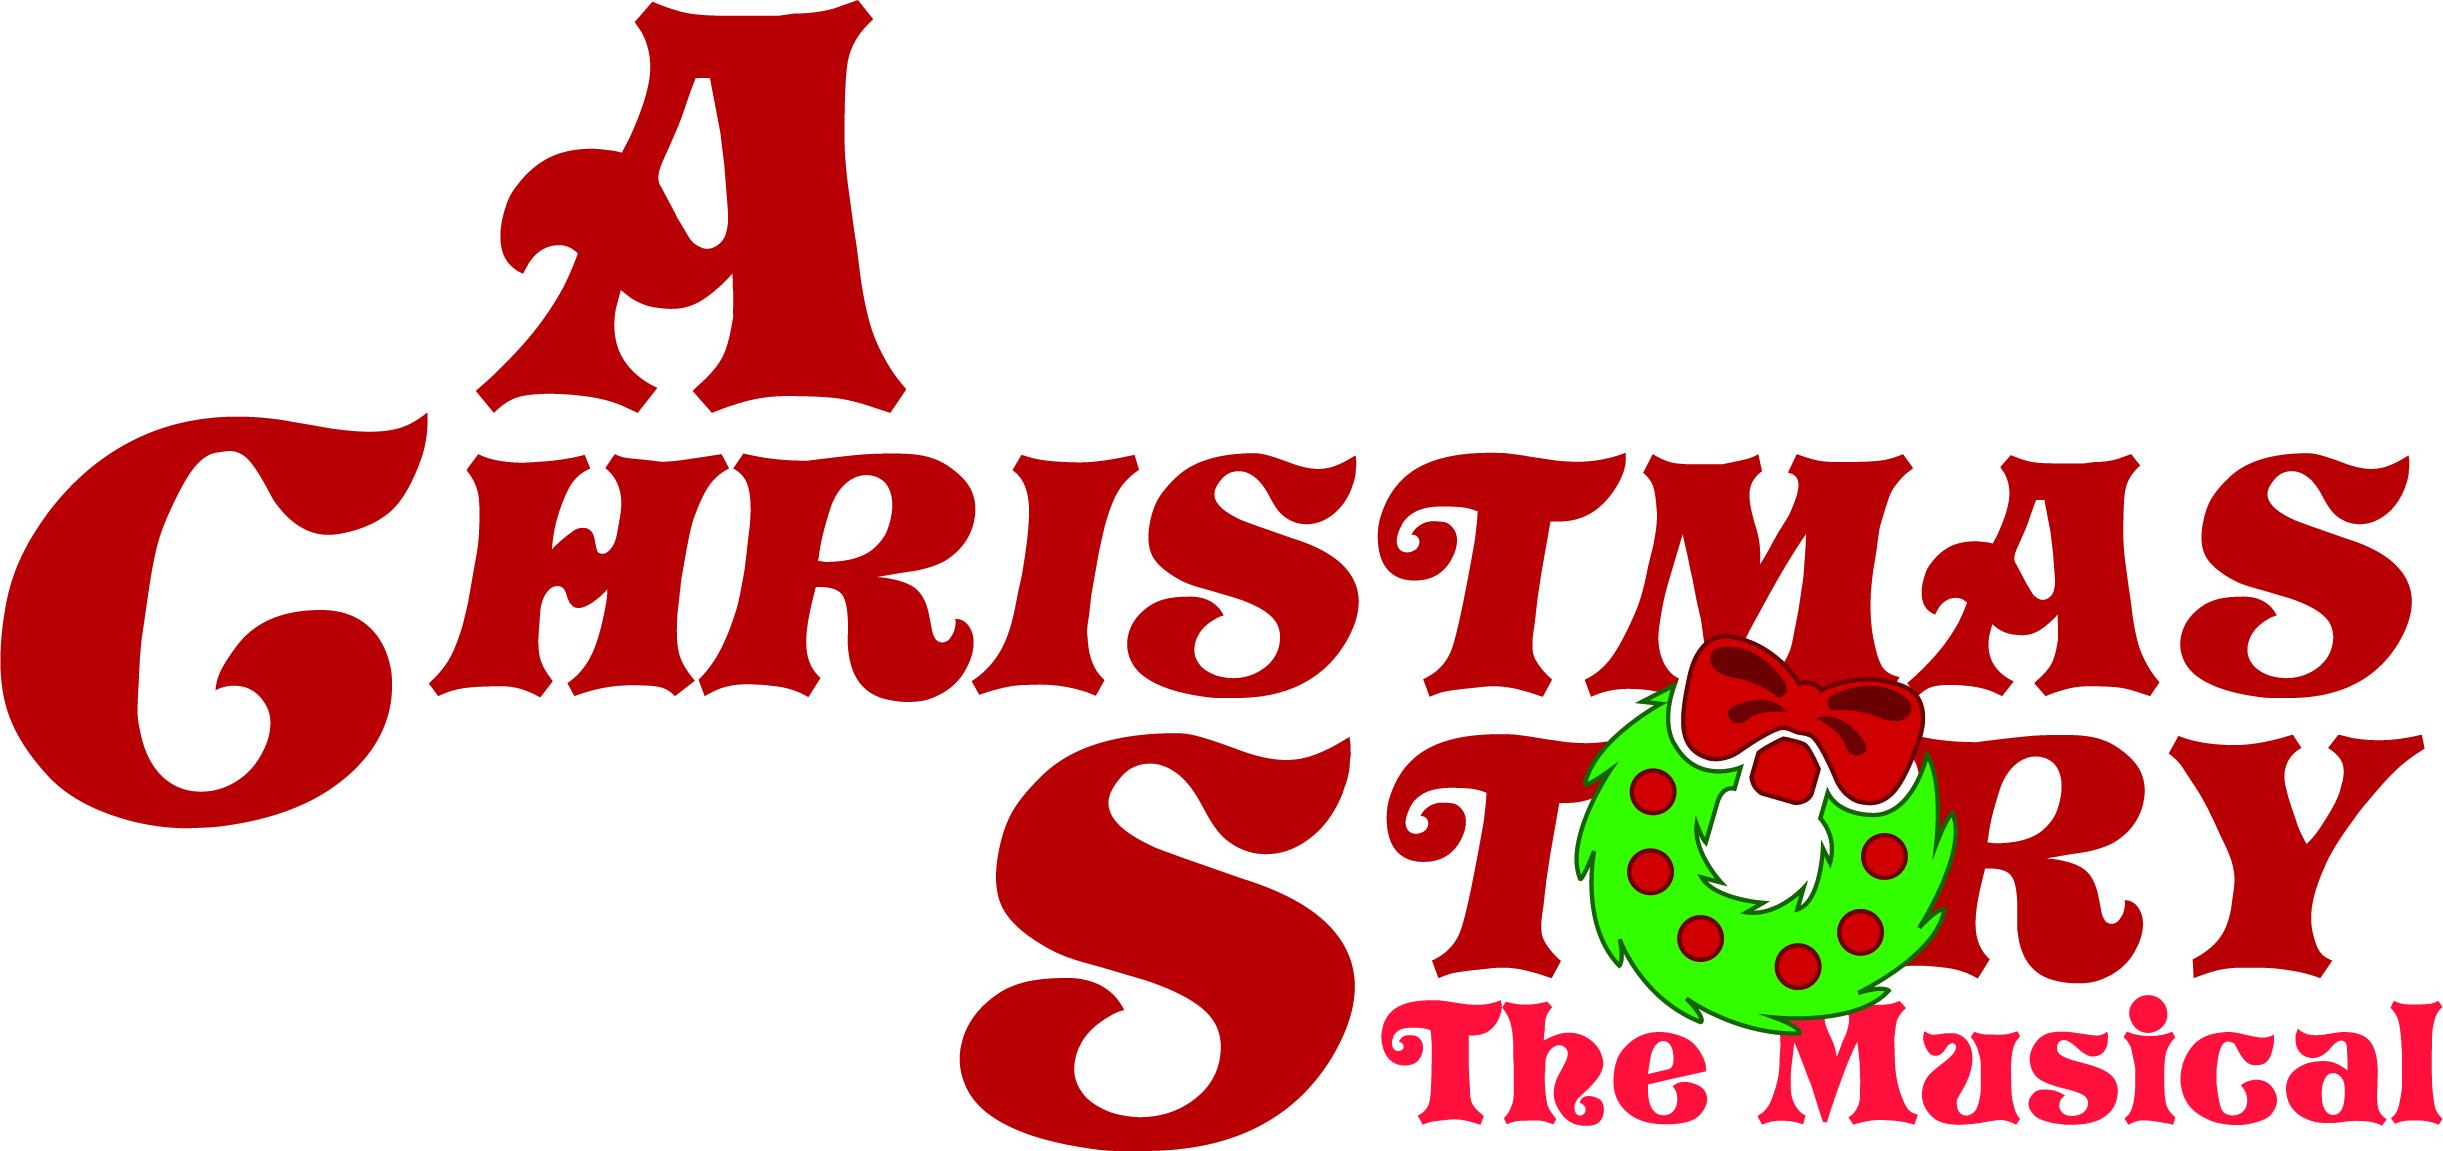 A Christmas Story Cast List Announced!